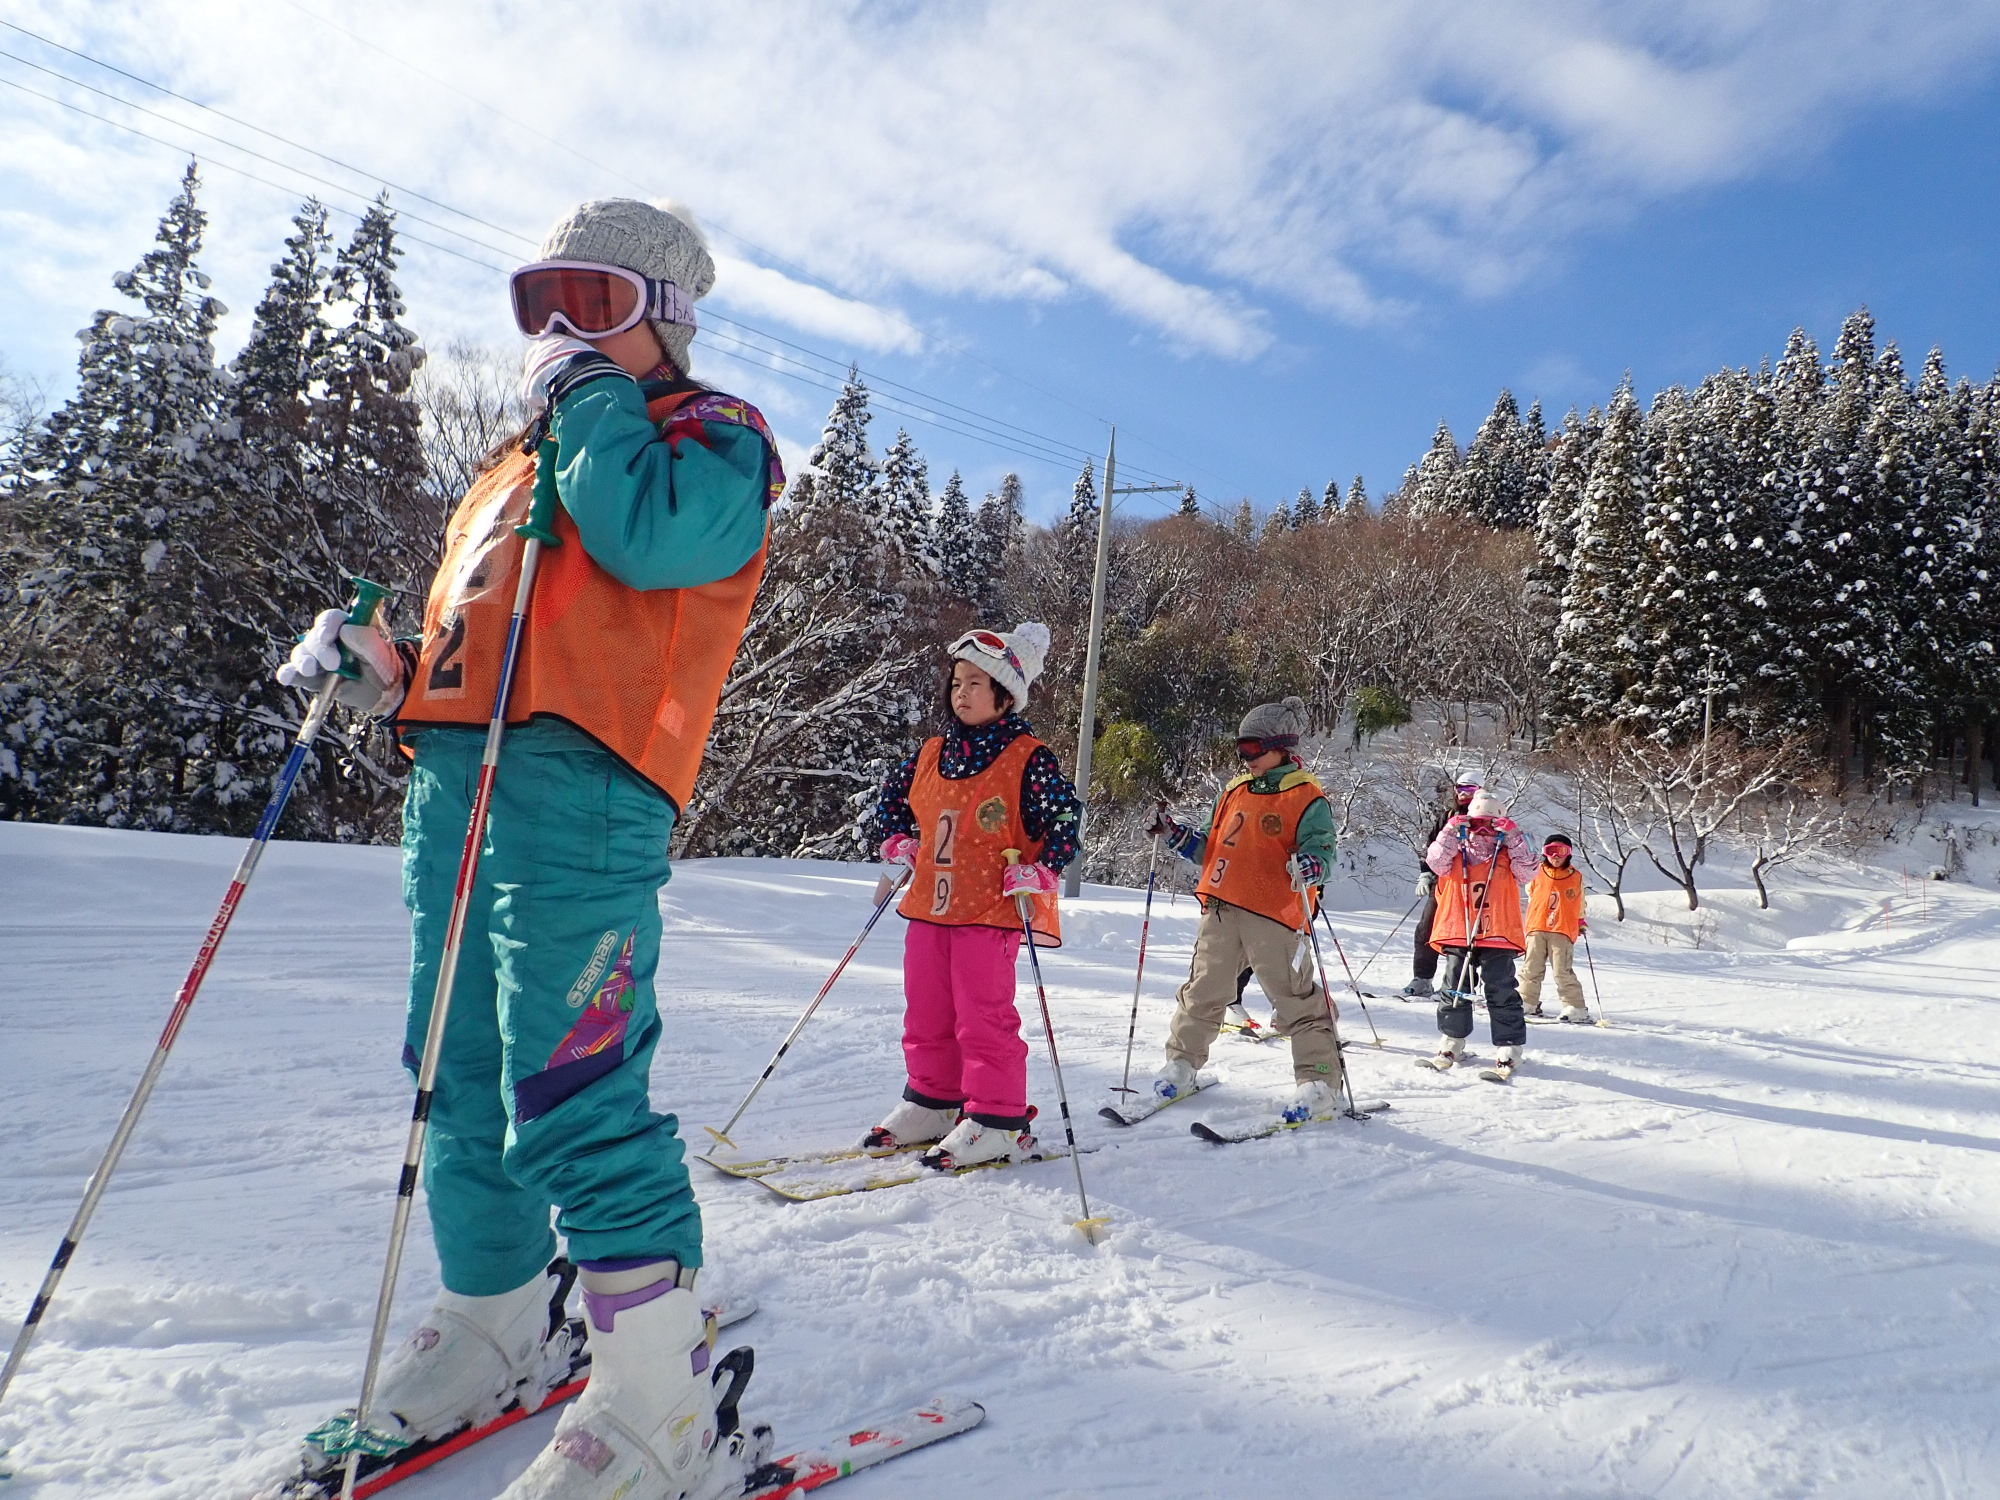 スキー雪あそびキャンプ申込みについて